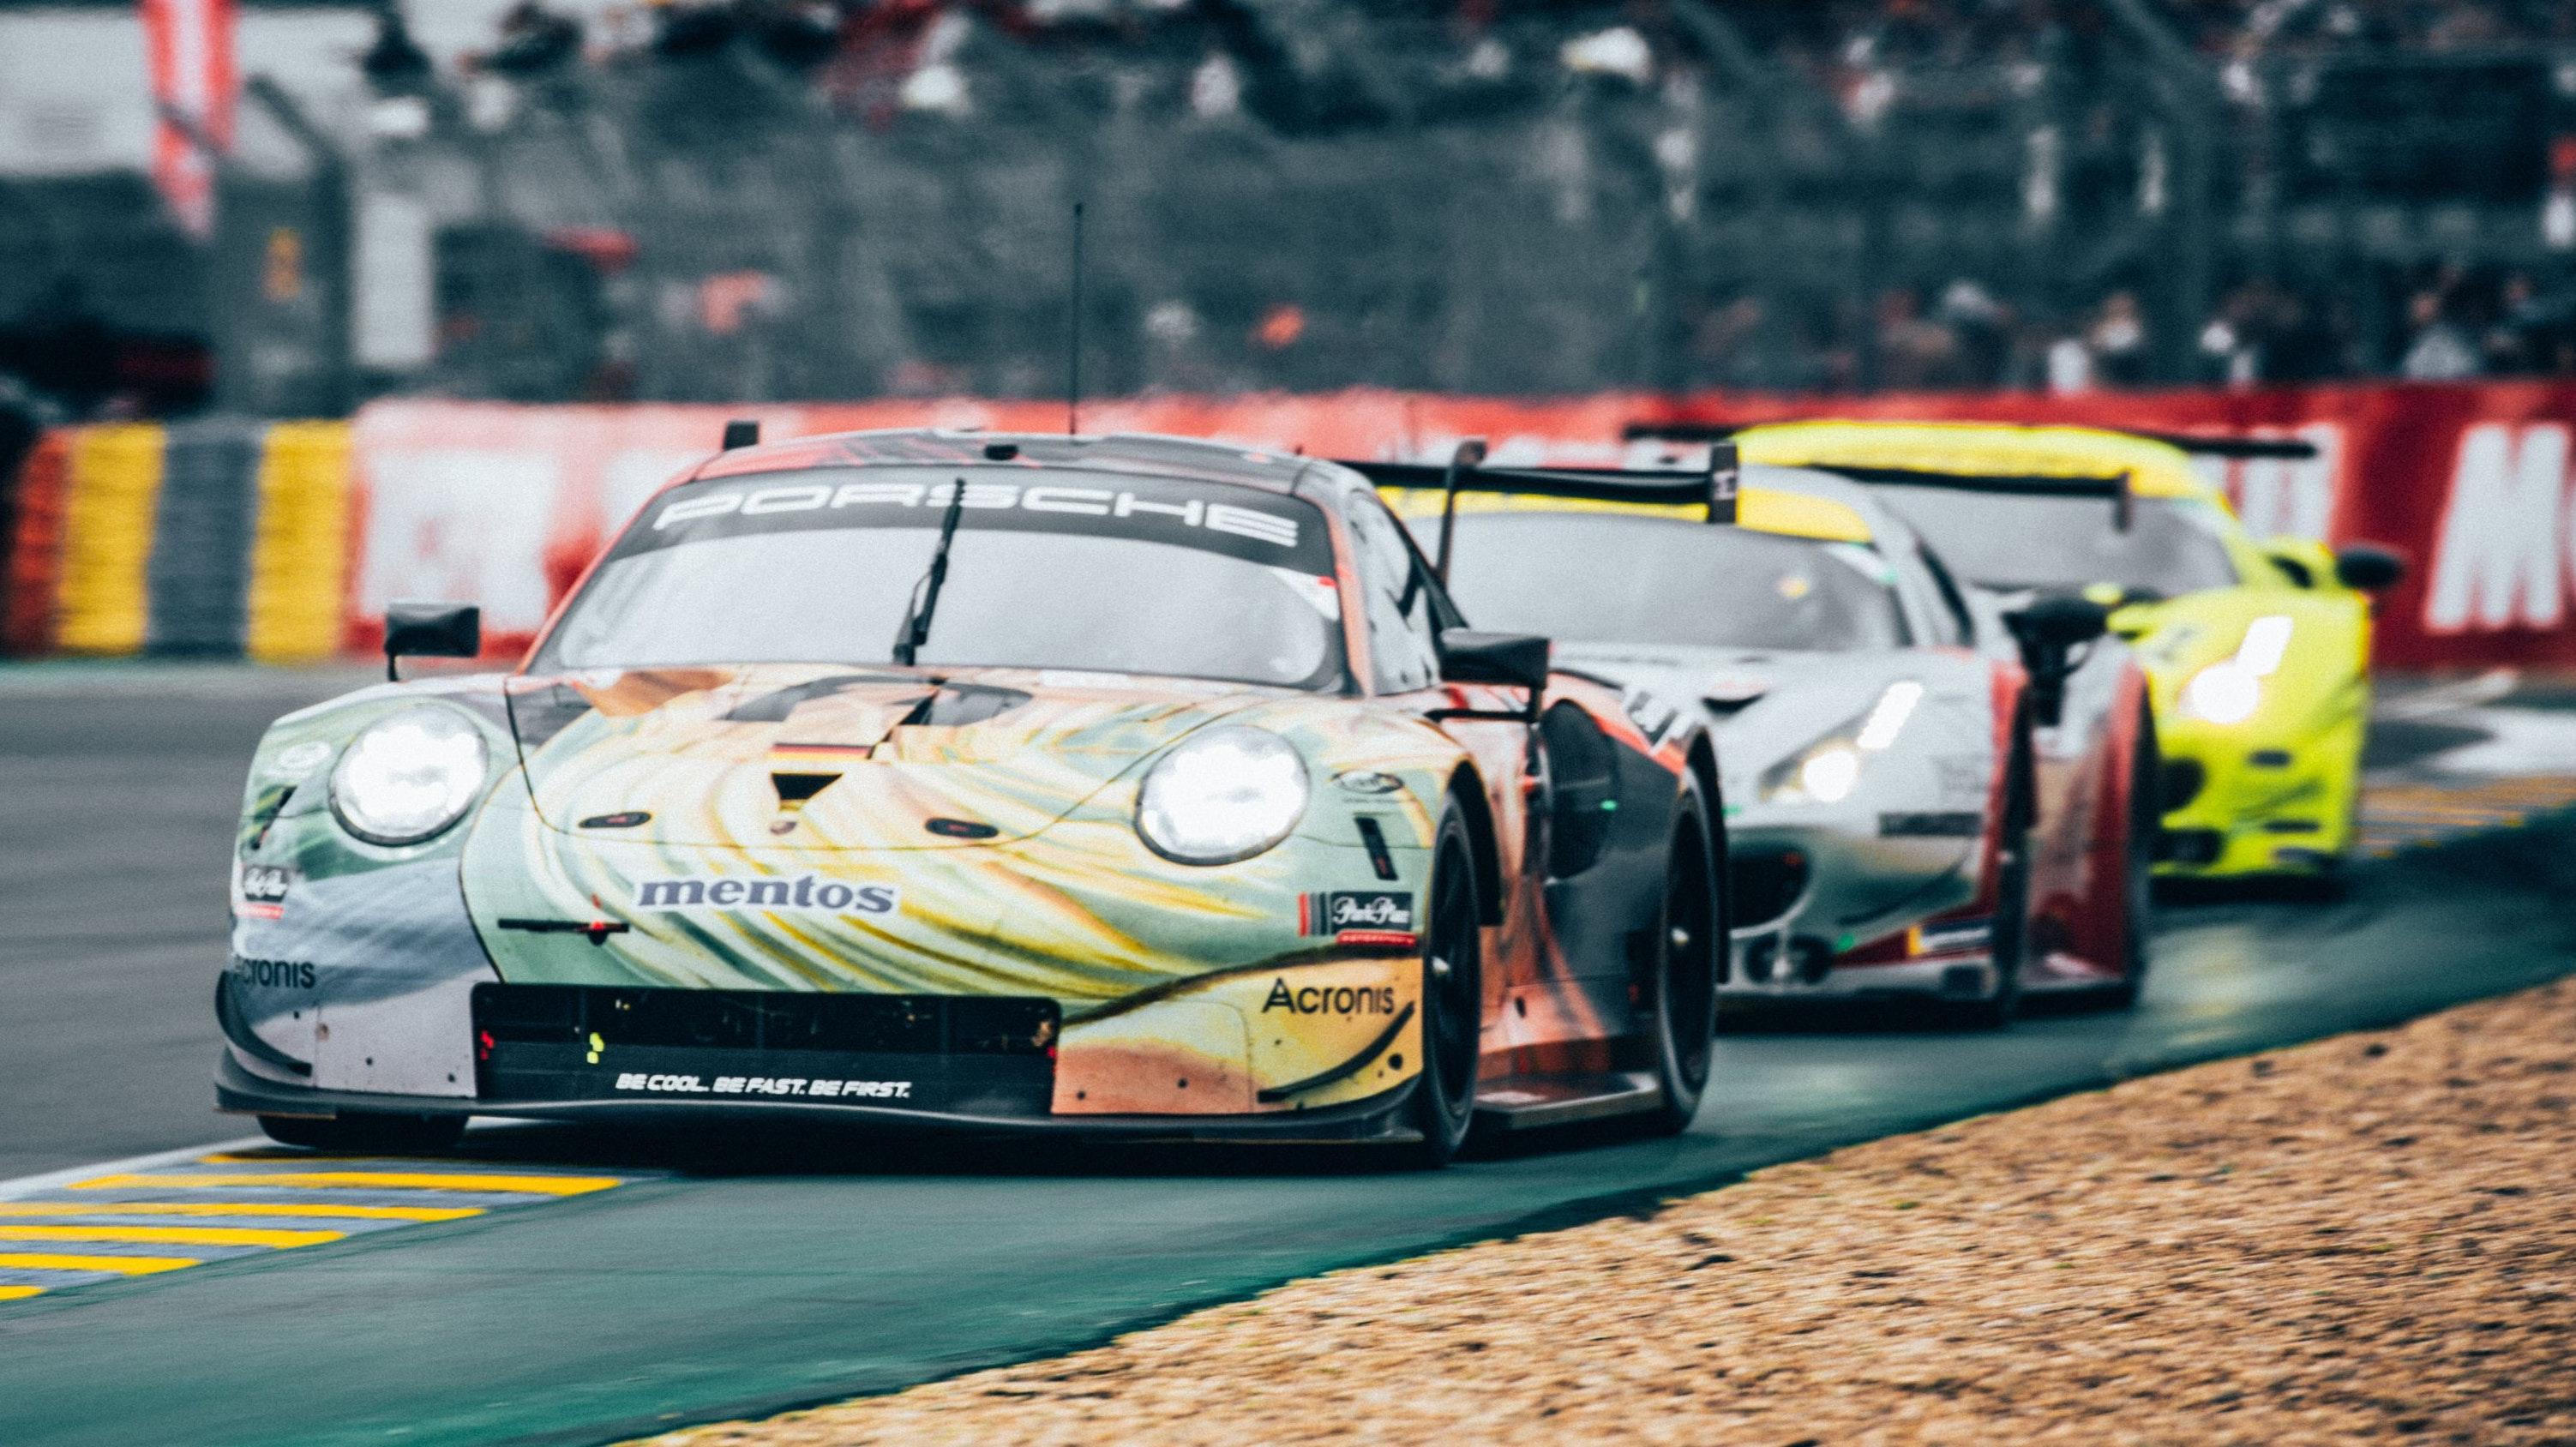 Unterwegs zum Sieg: Der Project1-Porsche des Teams um Egidio Perfetti bei seinem Triumph im Jahr 2019 in Le Mans. Foto: Sebastian Kubatz